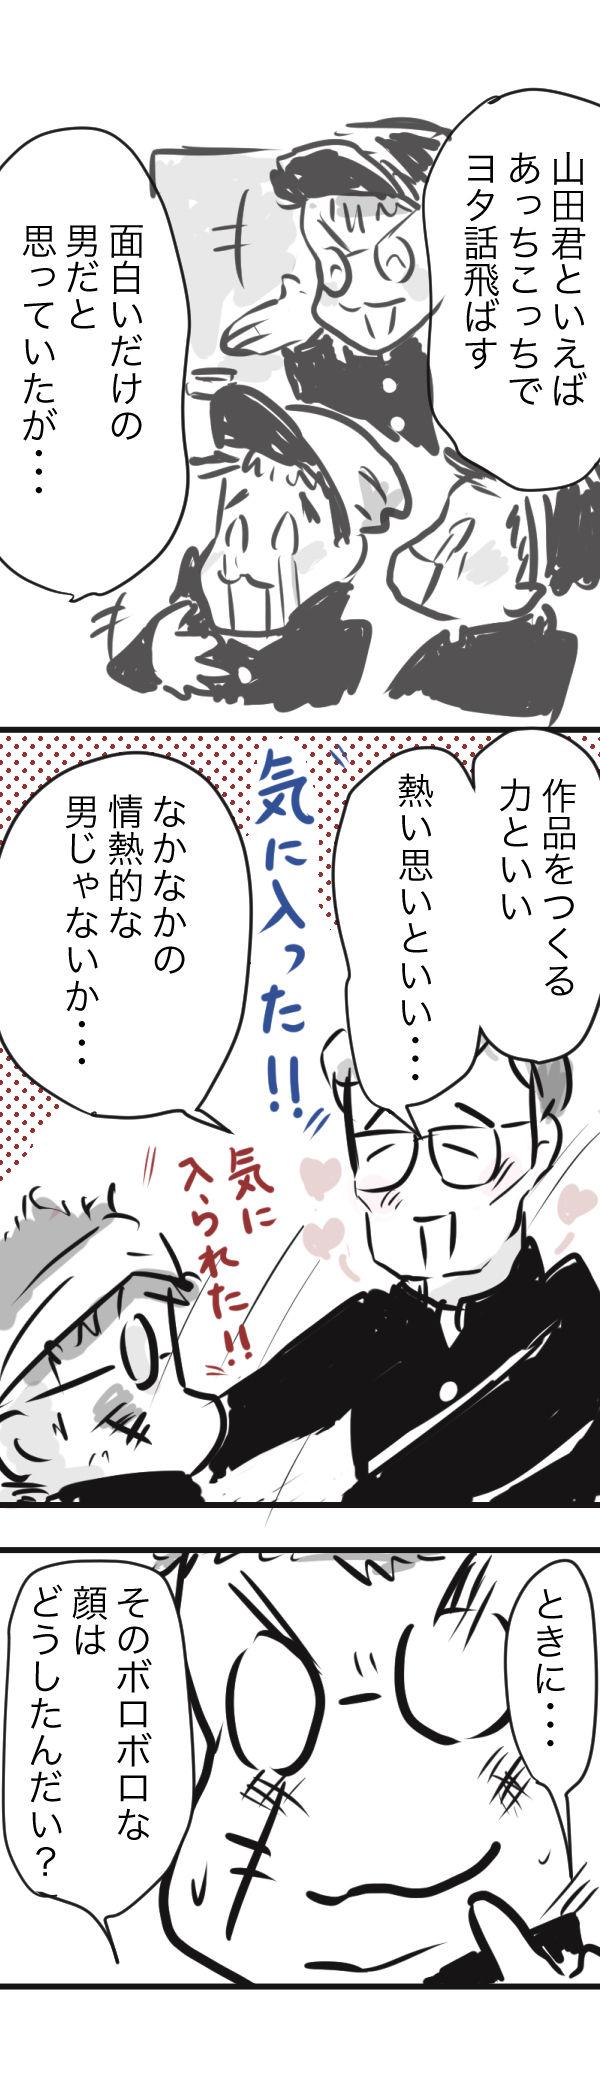 山田 金沢 4−3−2